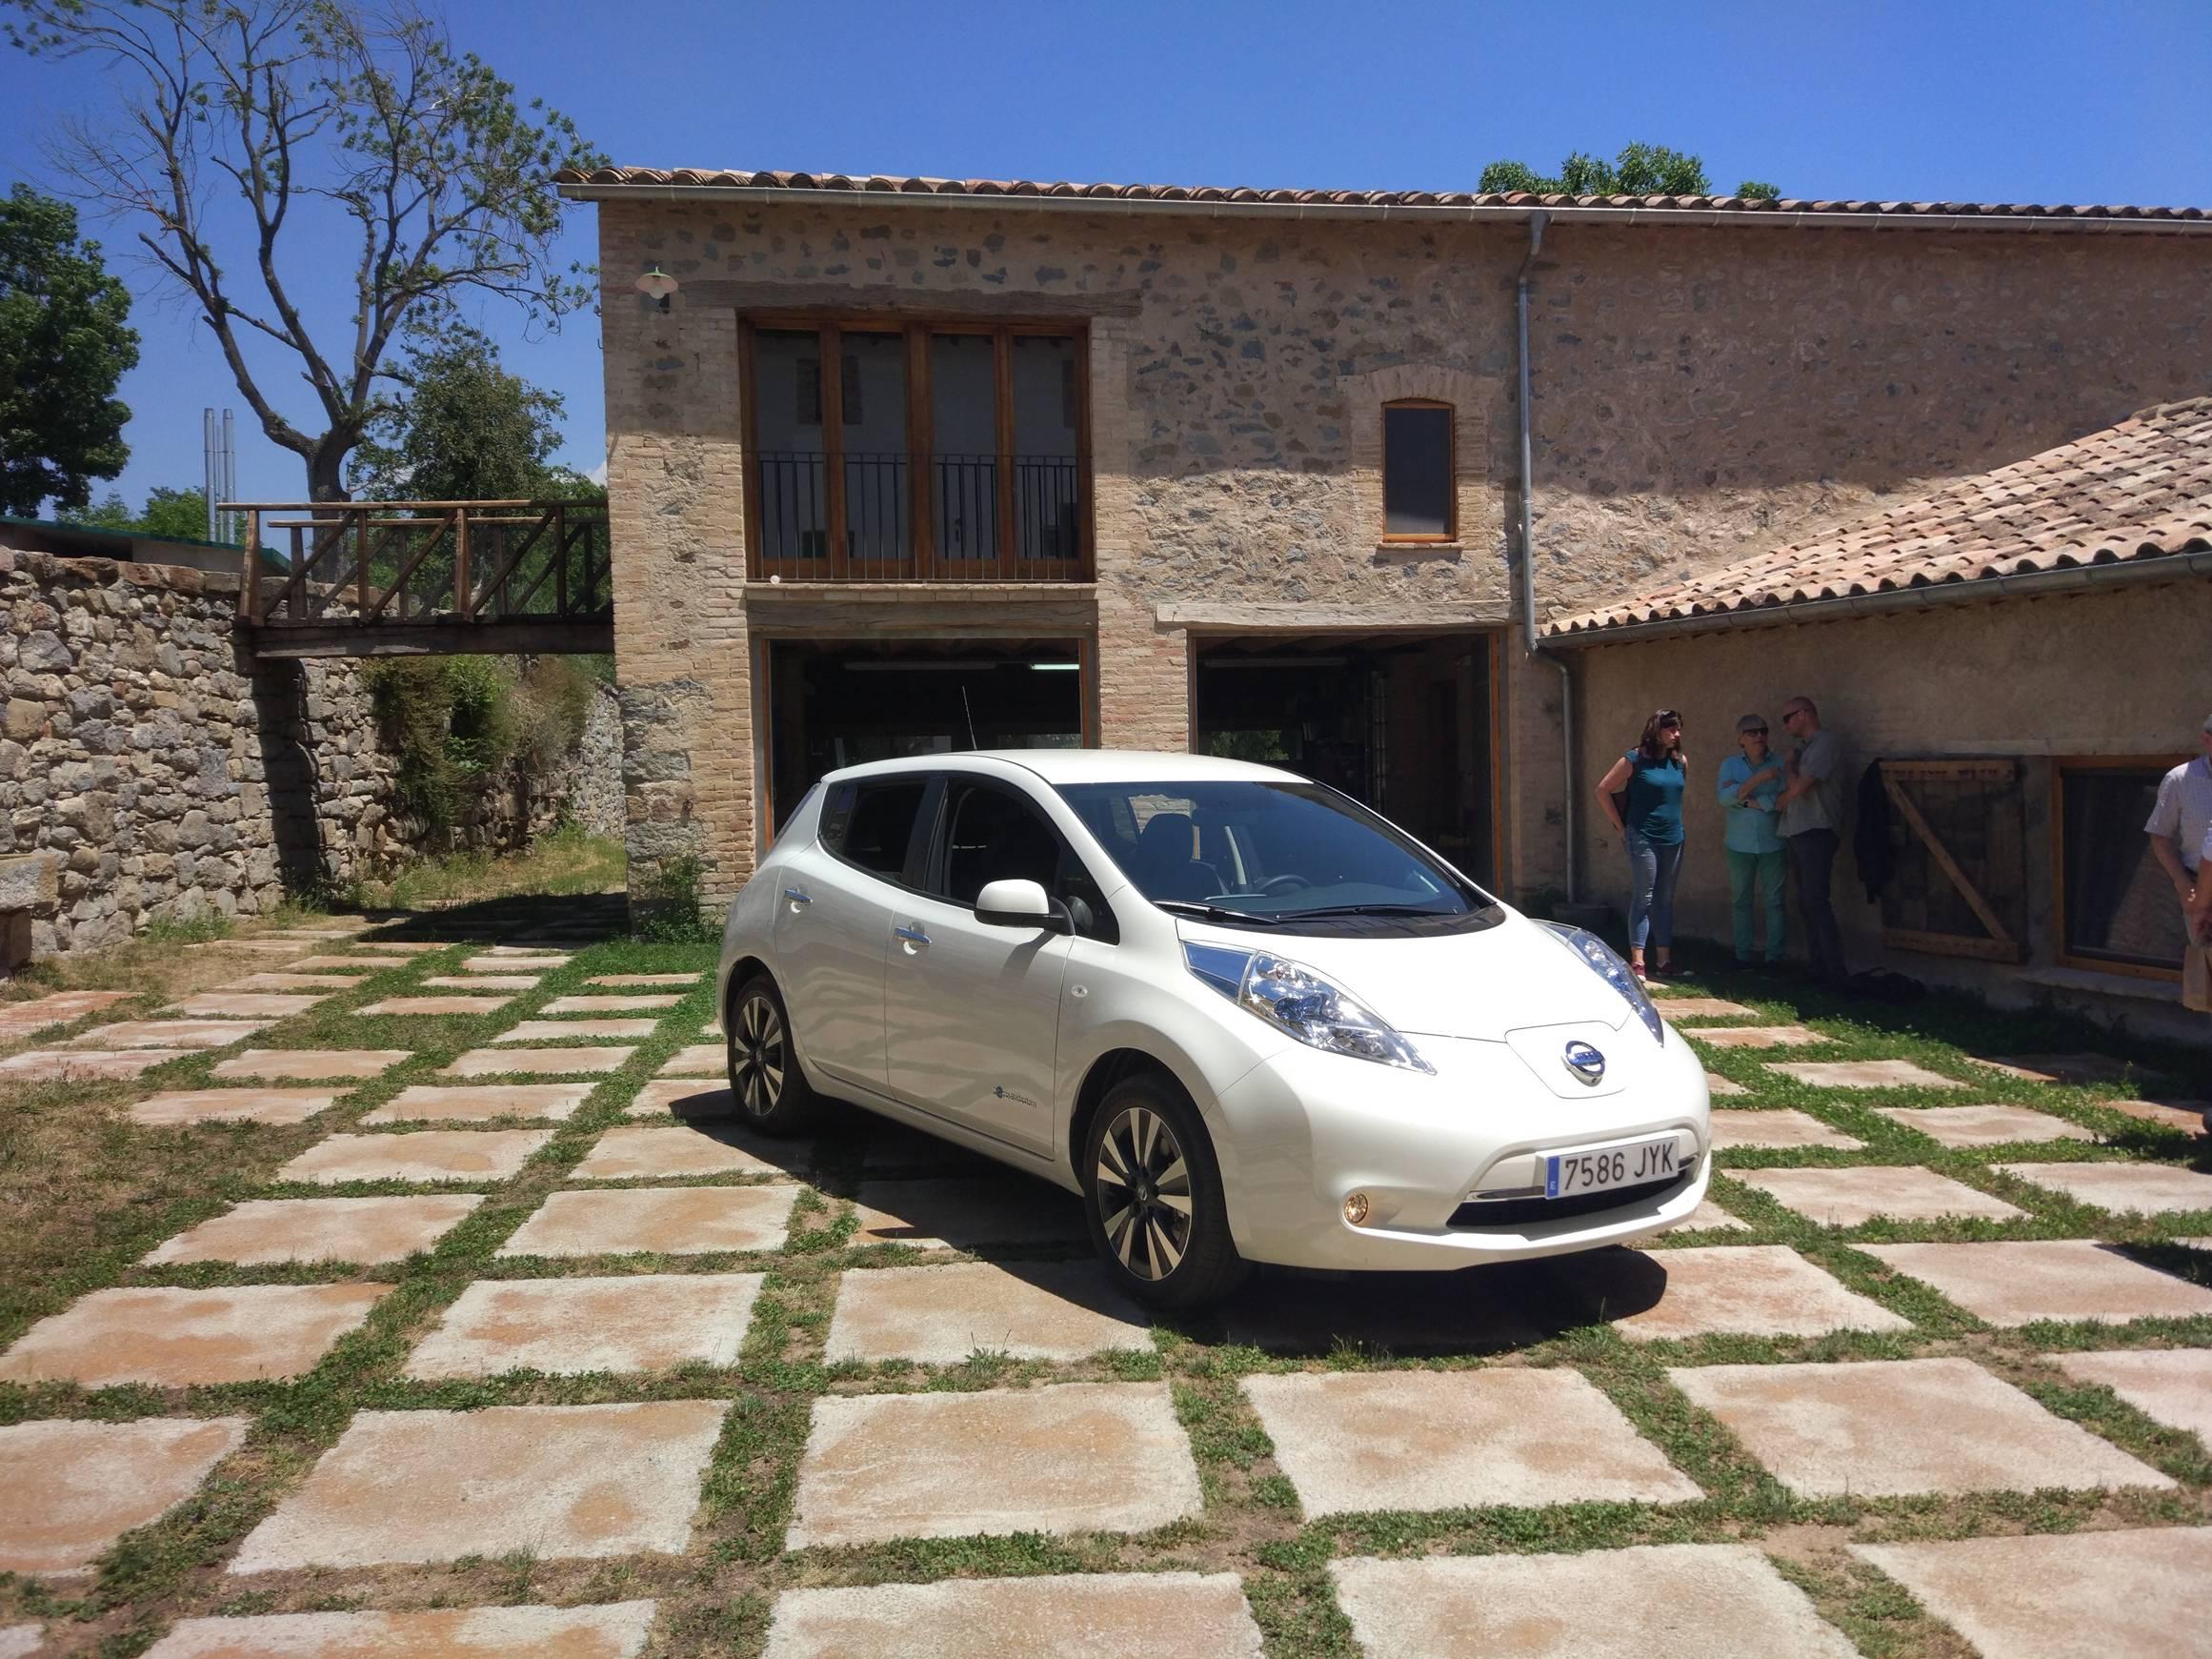 """Jornada sobre mobilitat amb vehicle elèctric a """"Mas Vinyoles Hub"""" (Associació Leader Ripollès Ges Bisaura)"""